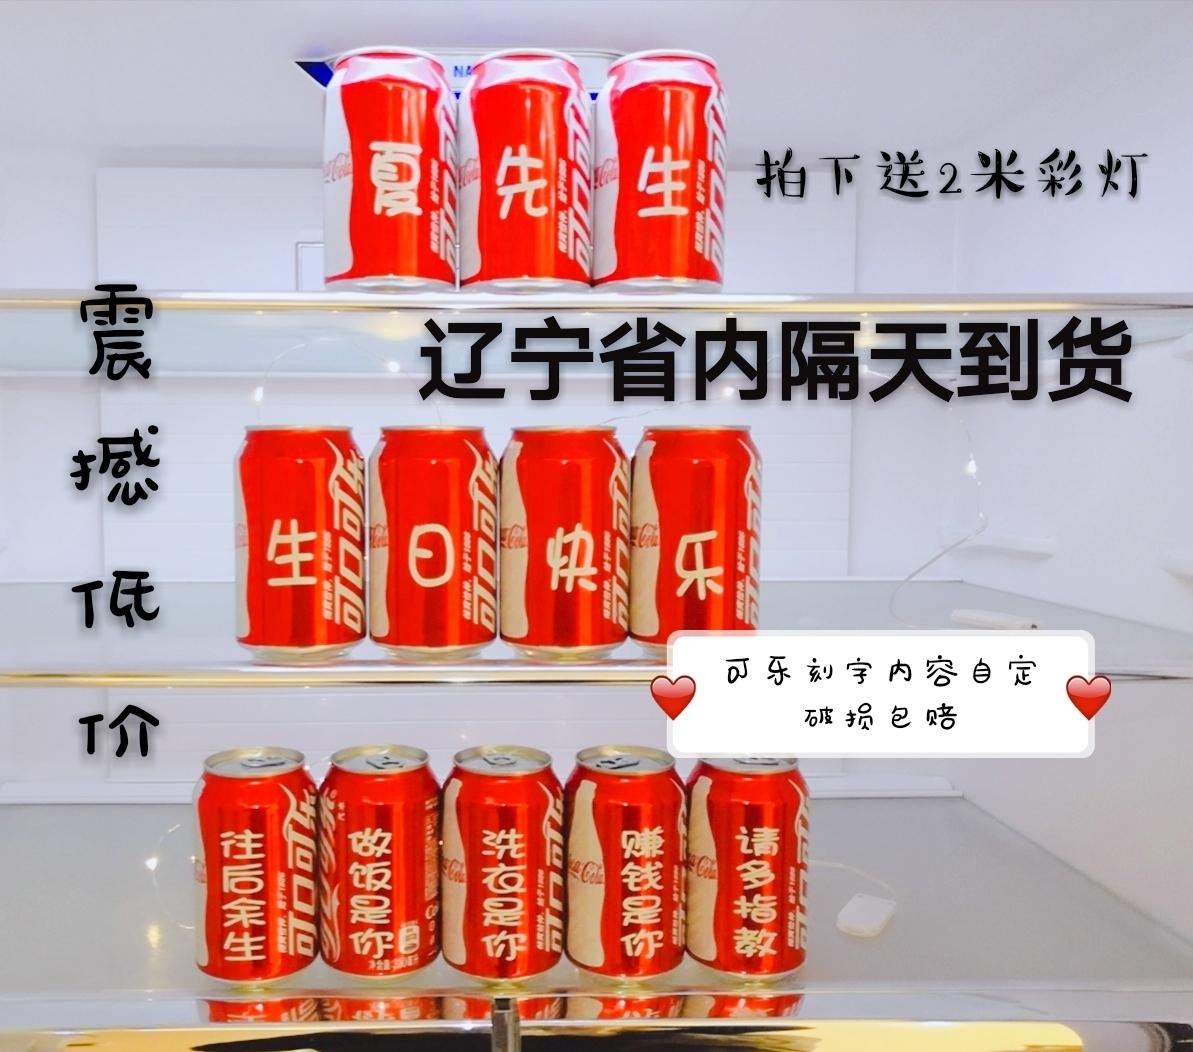 热销0件正品保证可乐定制易拉罐抖音同款送男女生生日网红特别的走心创意恋爱礼物